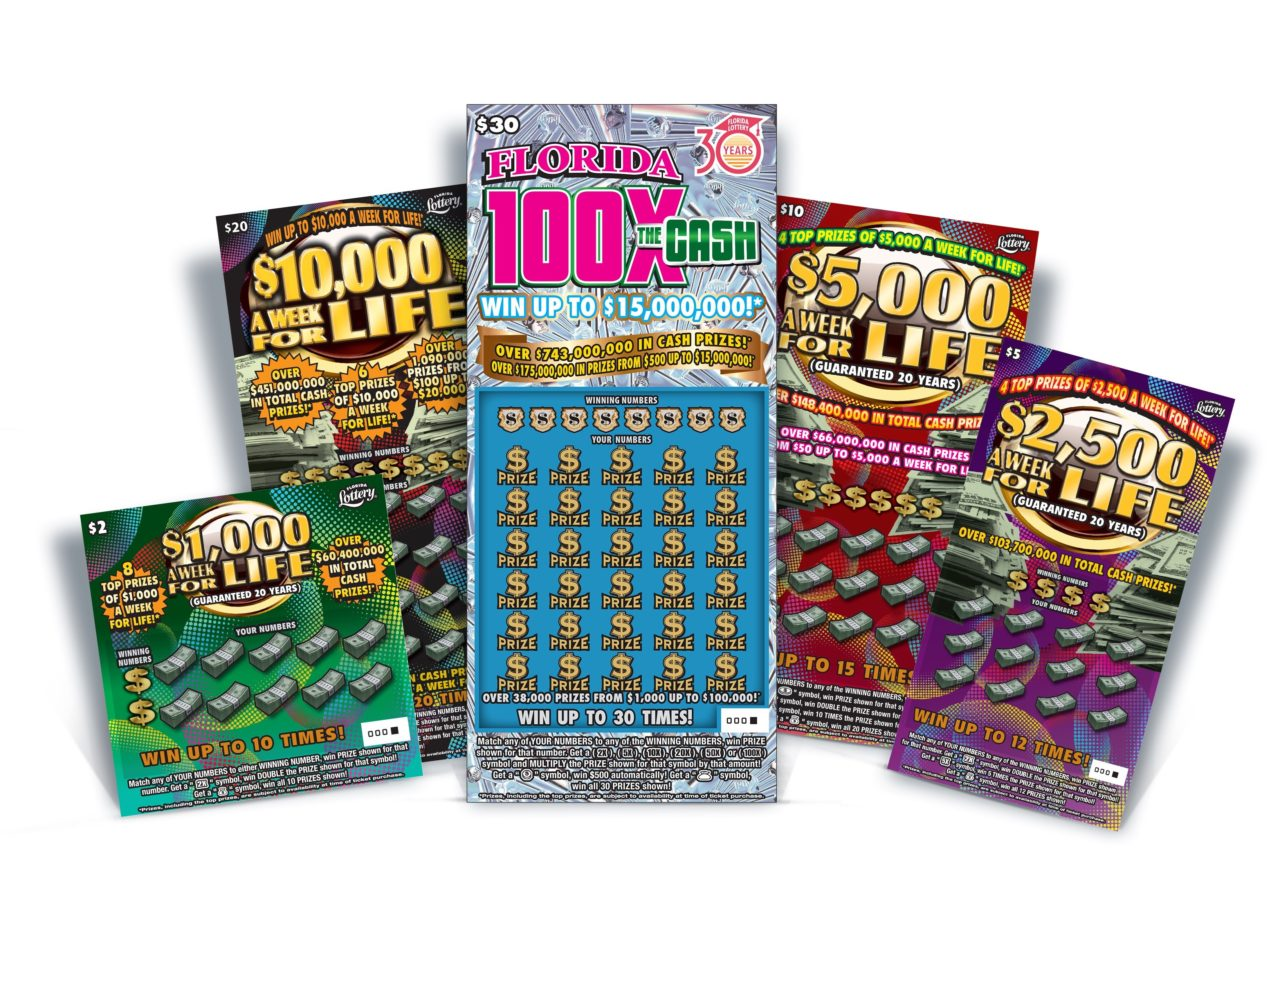 florida-lottery-scientific-games-e1556832154725.jpg